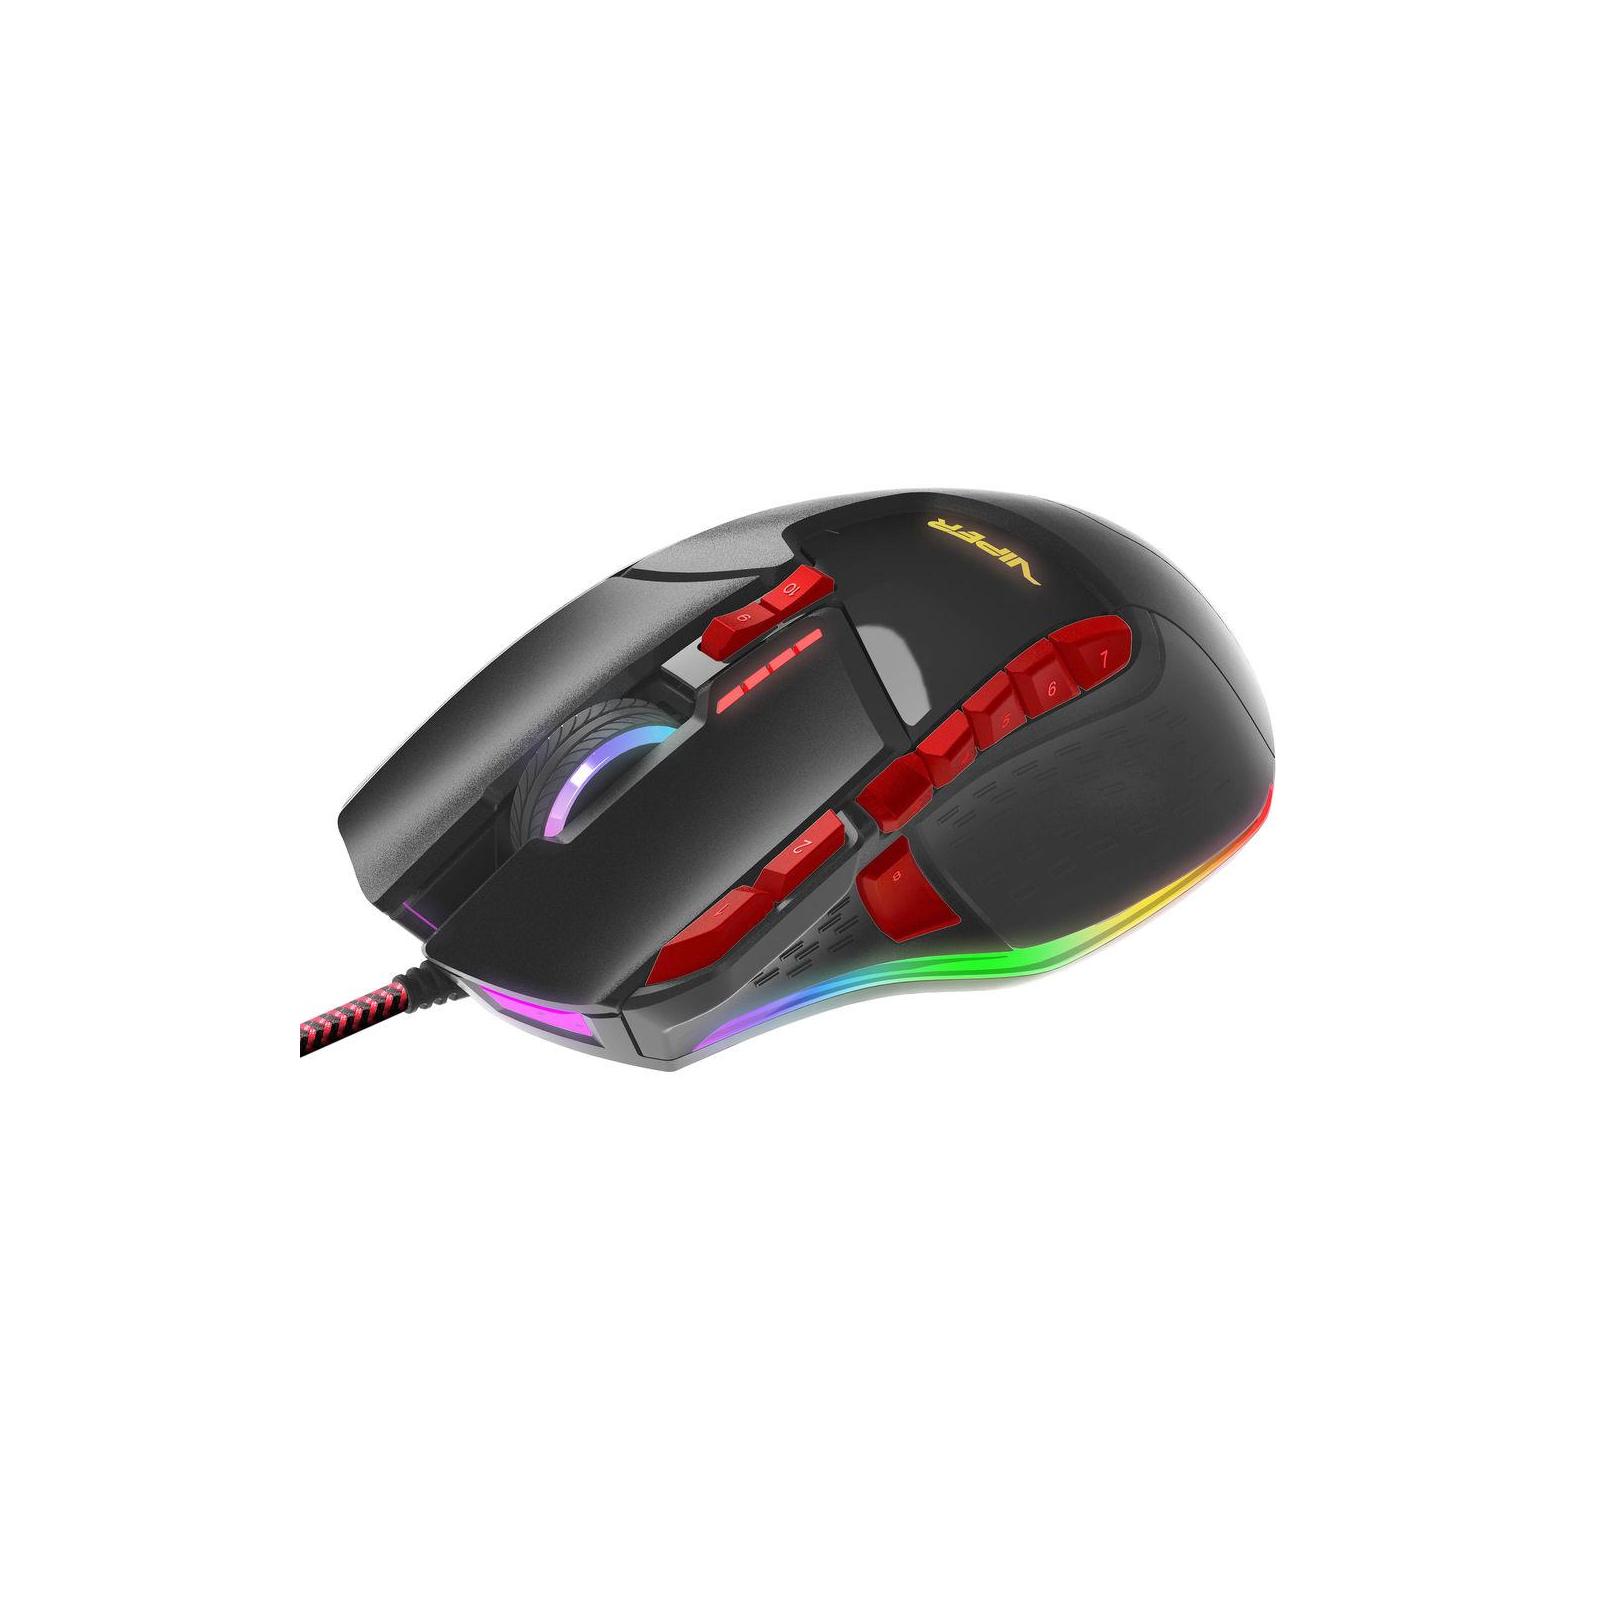 Мышка Patriot Viper V570 Black/Red (PV570LUXWK)